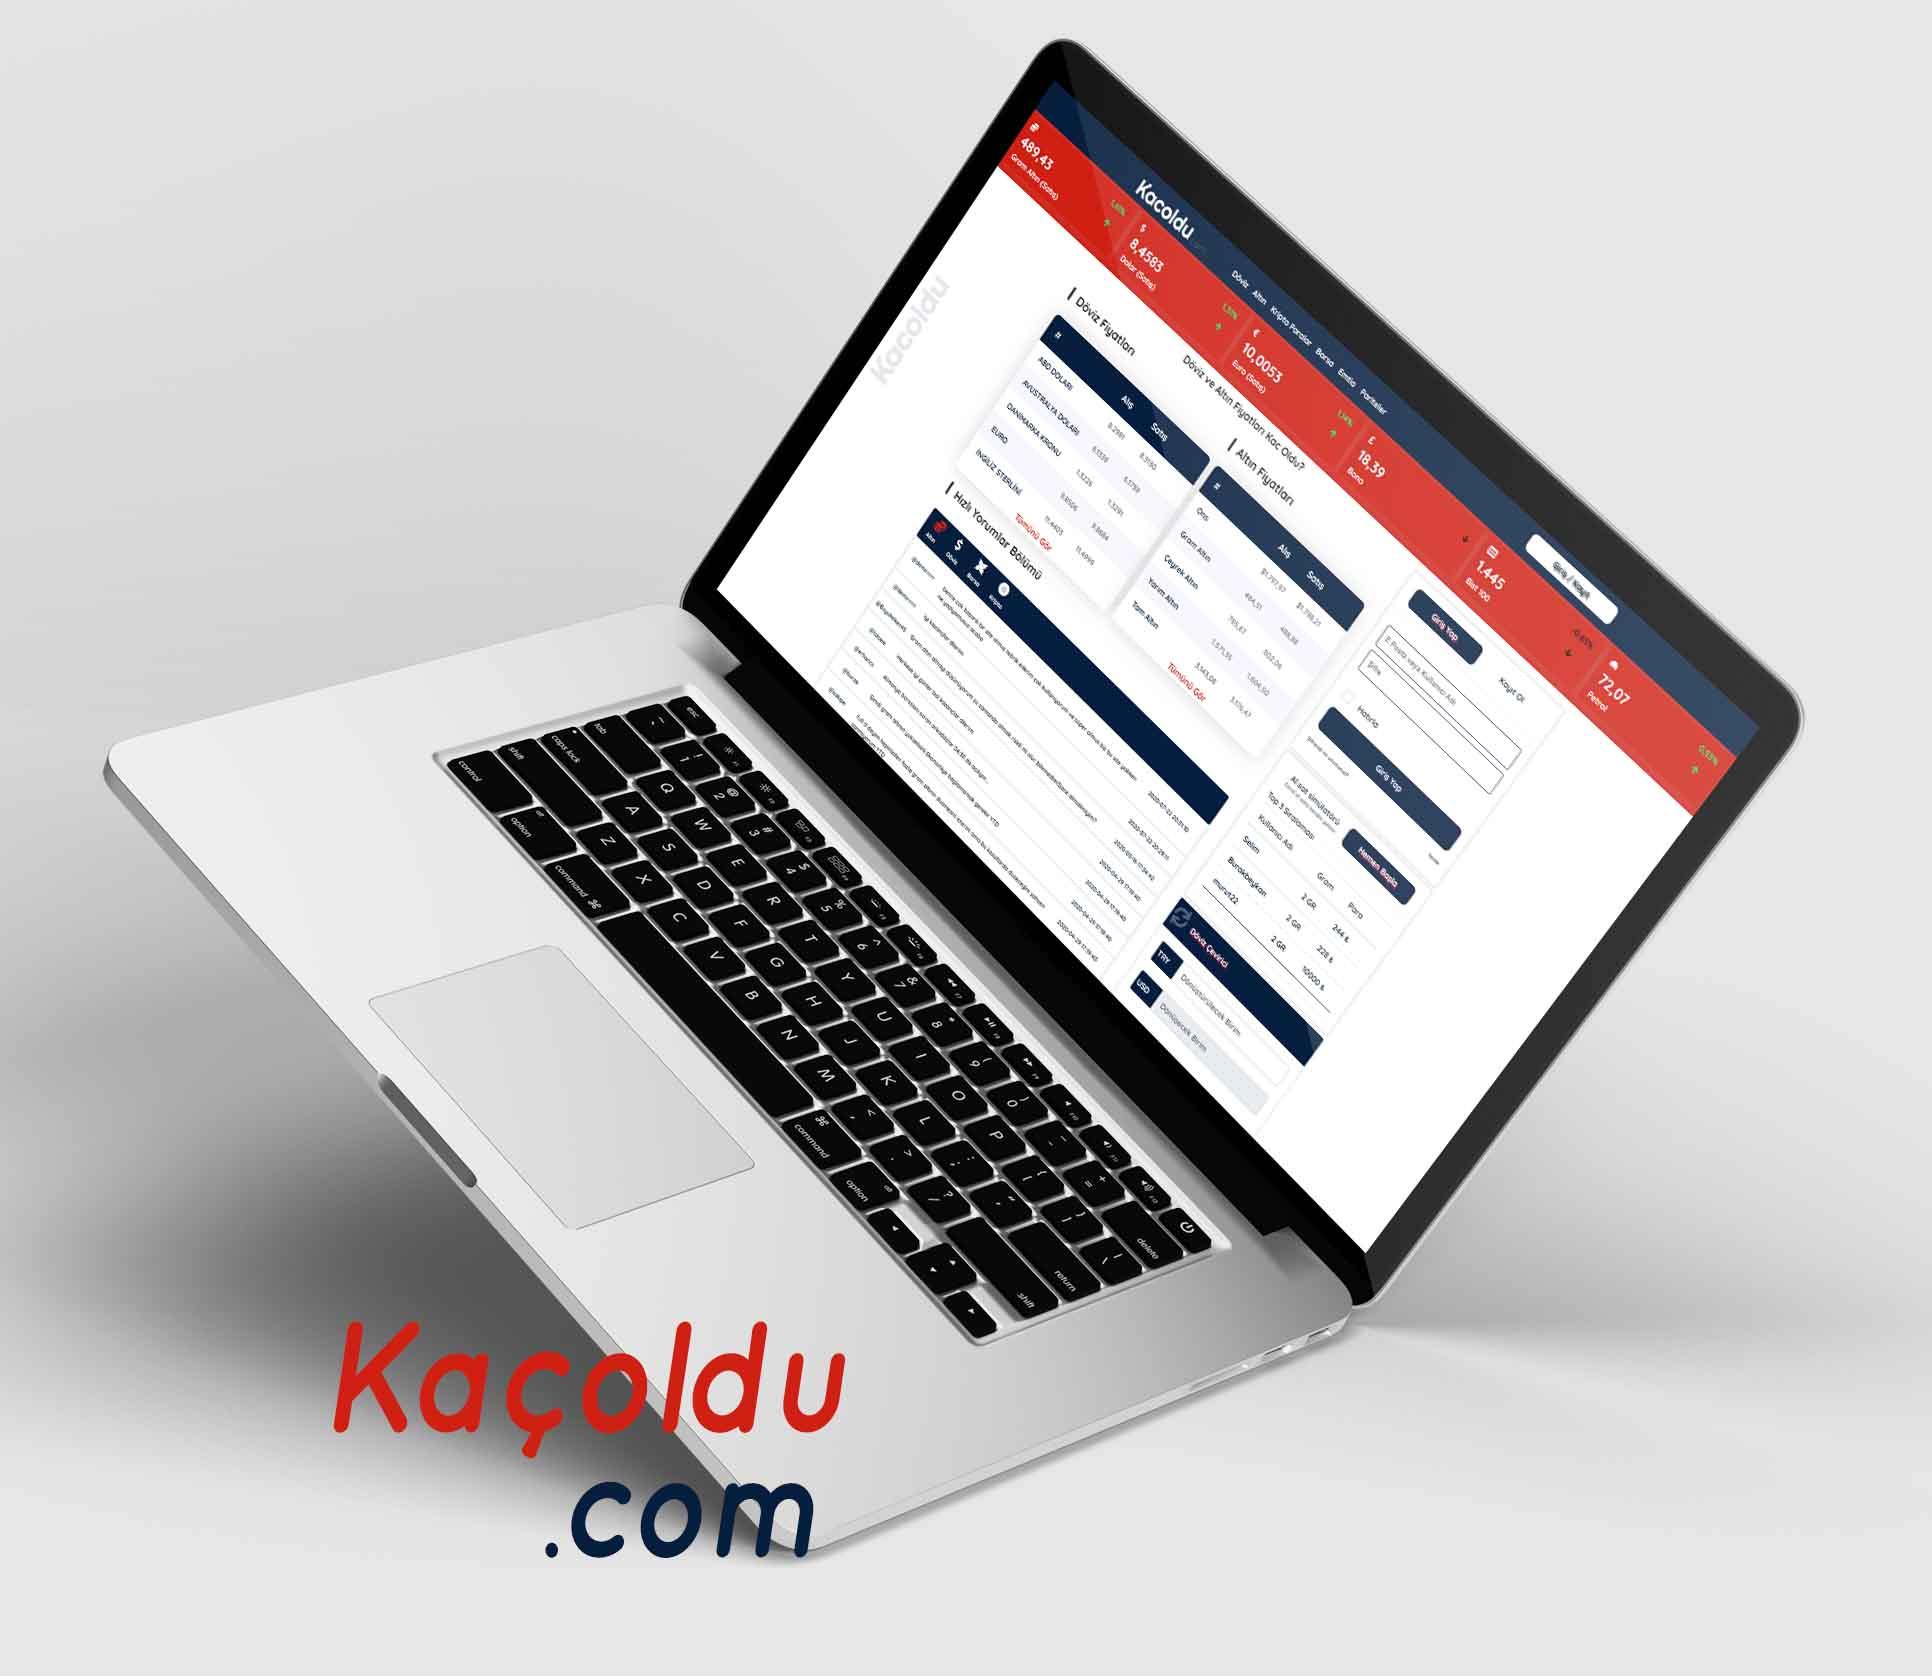 Kacoldu.com